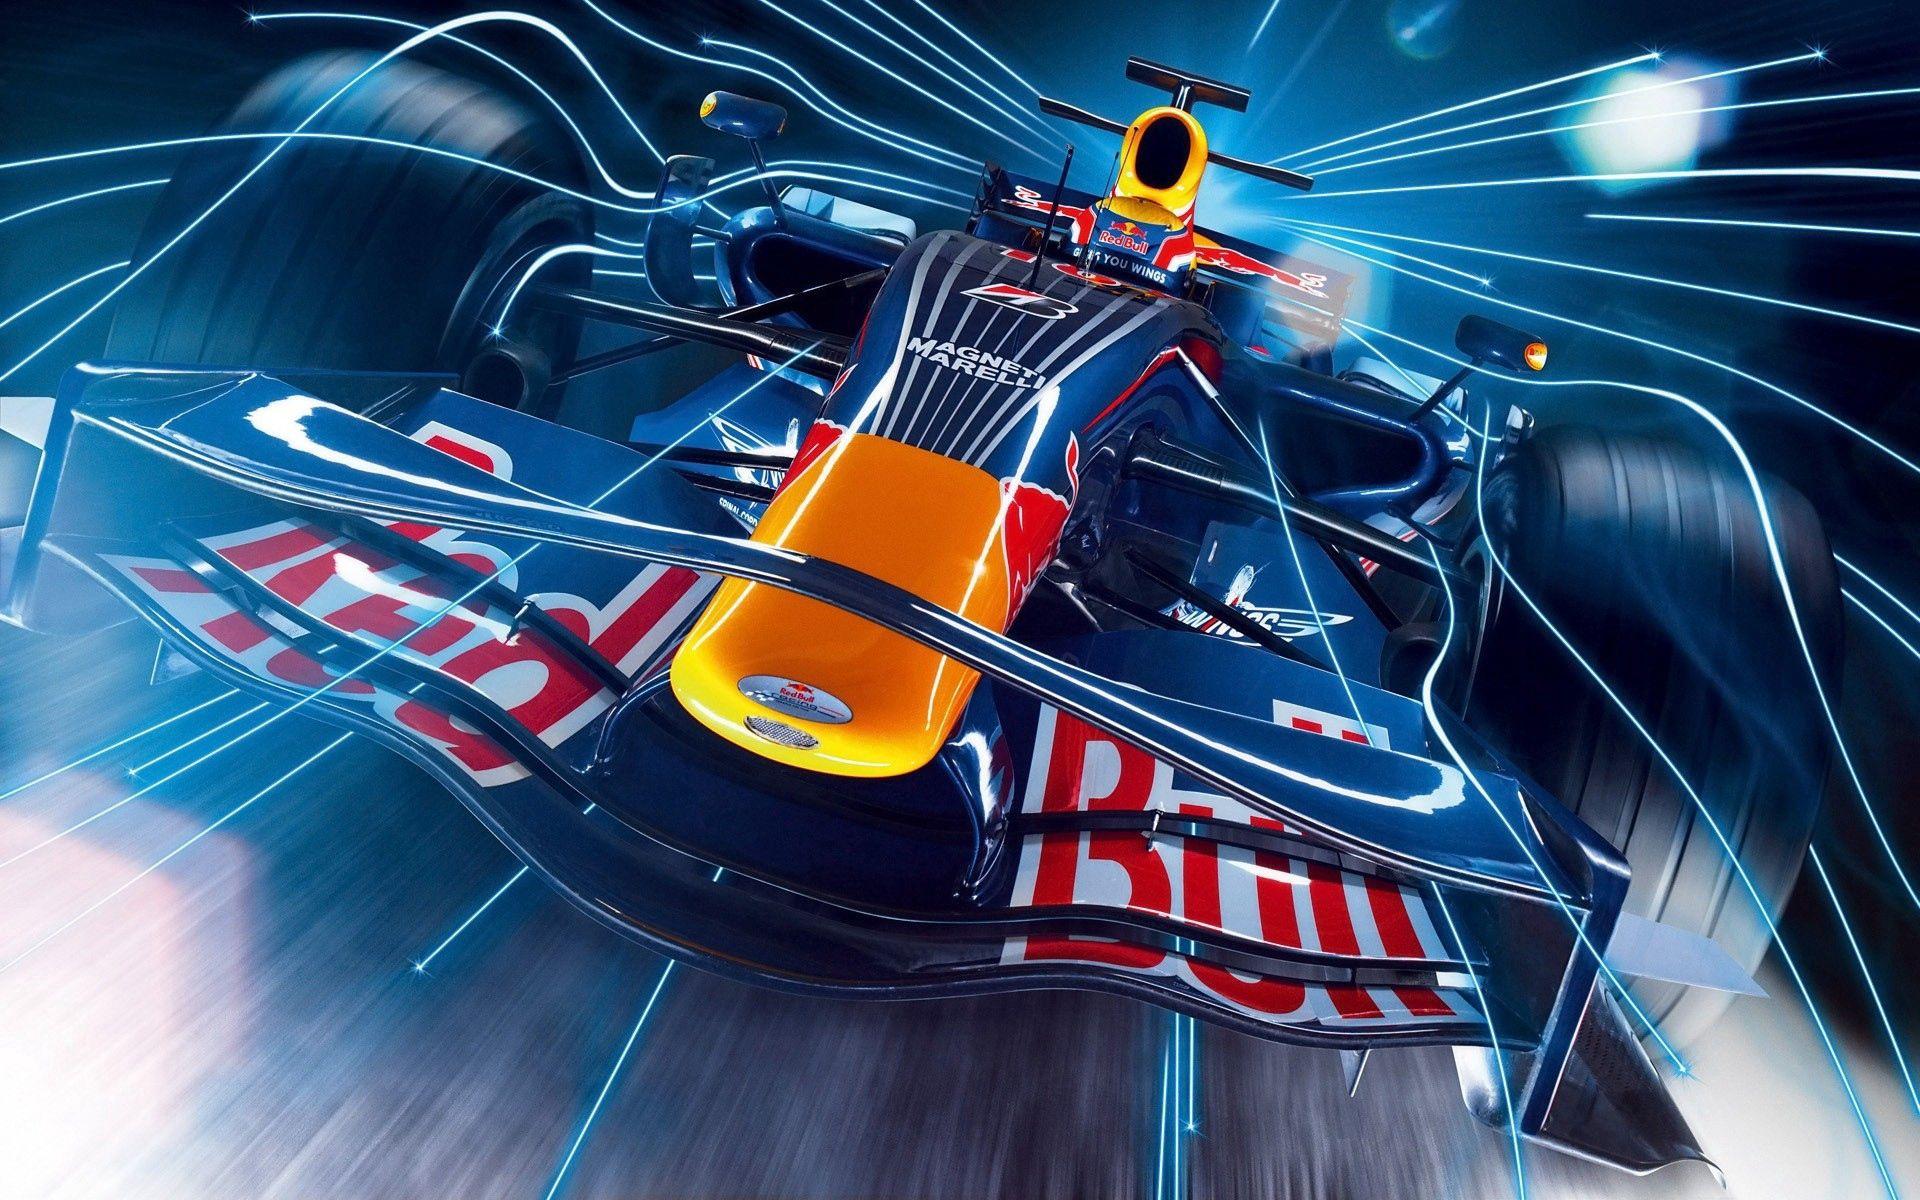 138350 скачать обои Спорт, Red Bull, Ралли, Машины, Гонка - заставки и картинки бесплатно